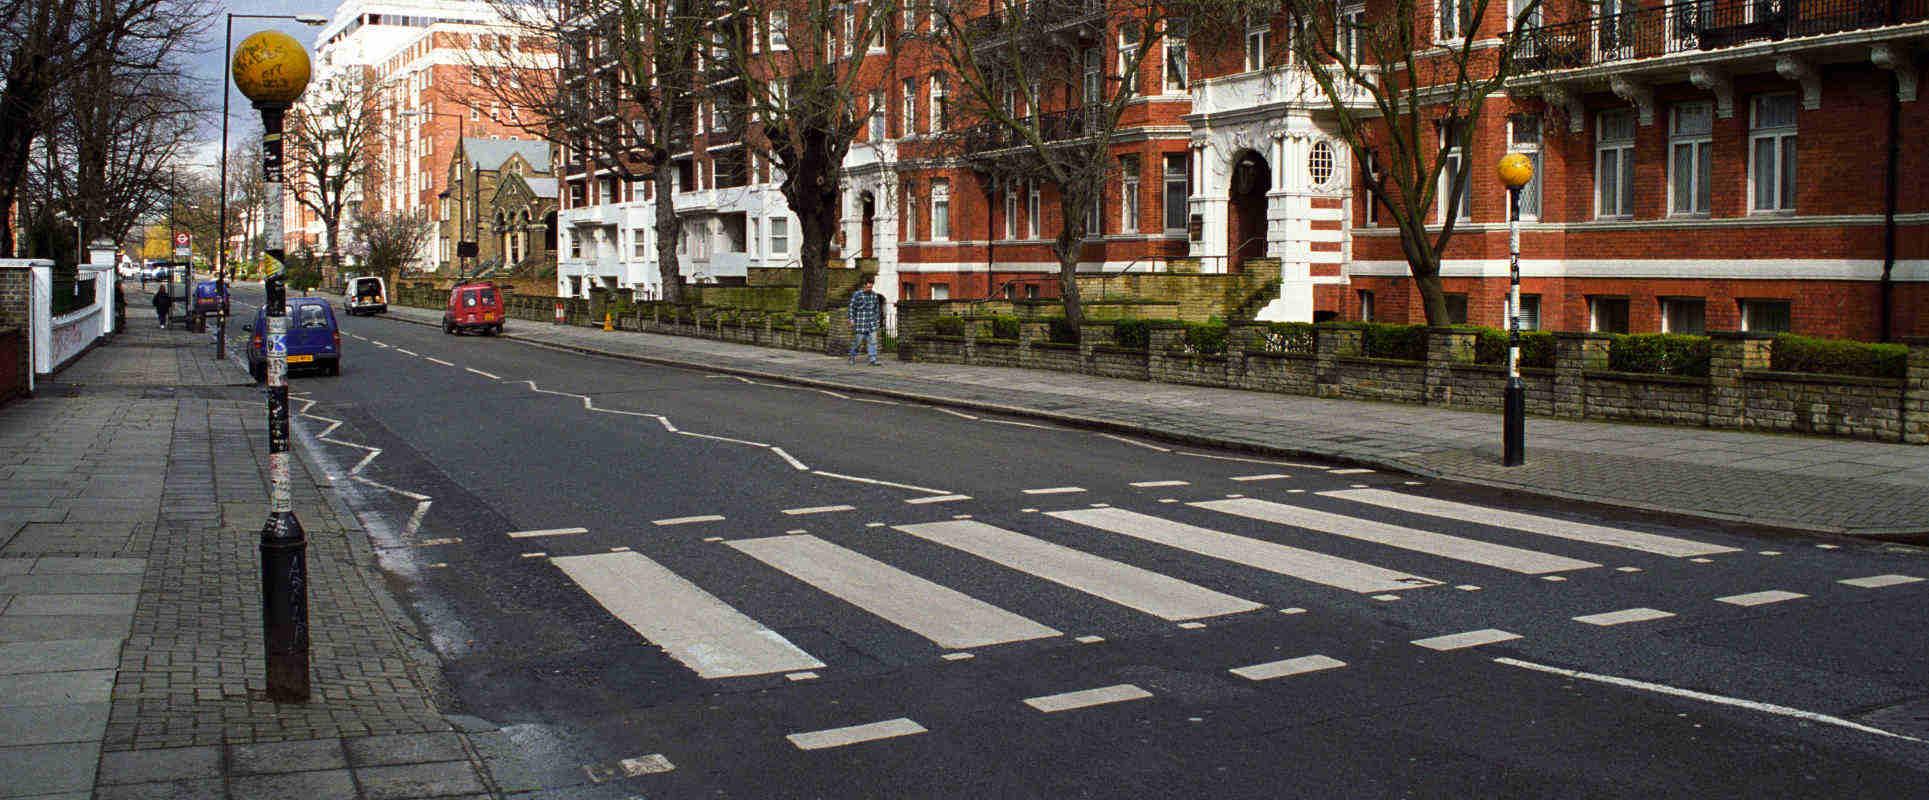 Abbey_Road_Crossing_London_Sander_Lamme